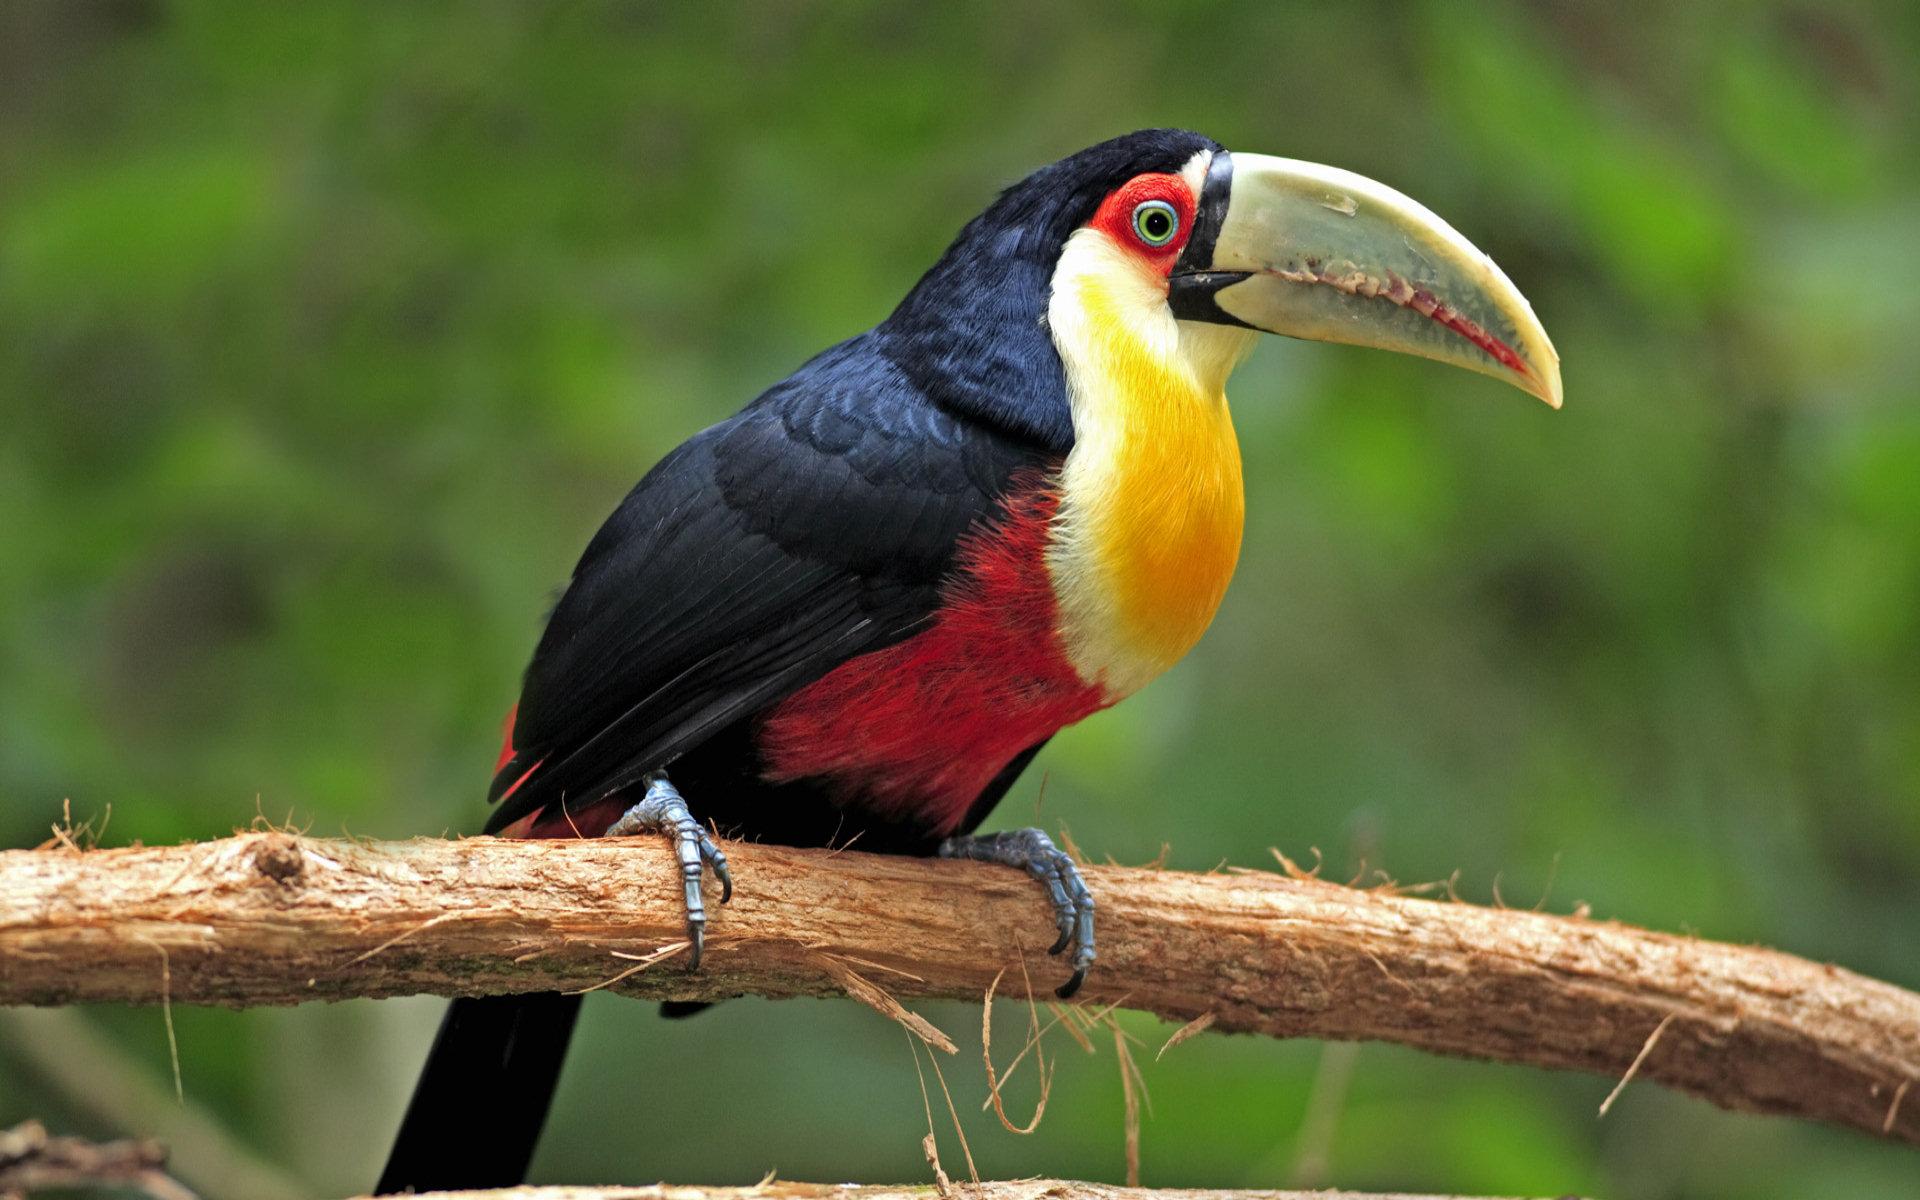 Две птички на стебле кукурузы  № 1532749 загрузить